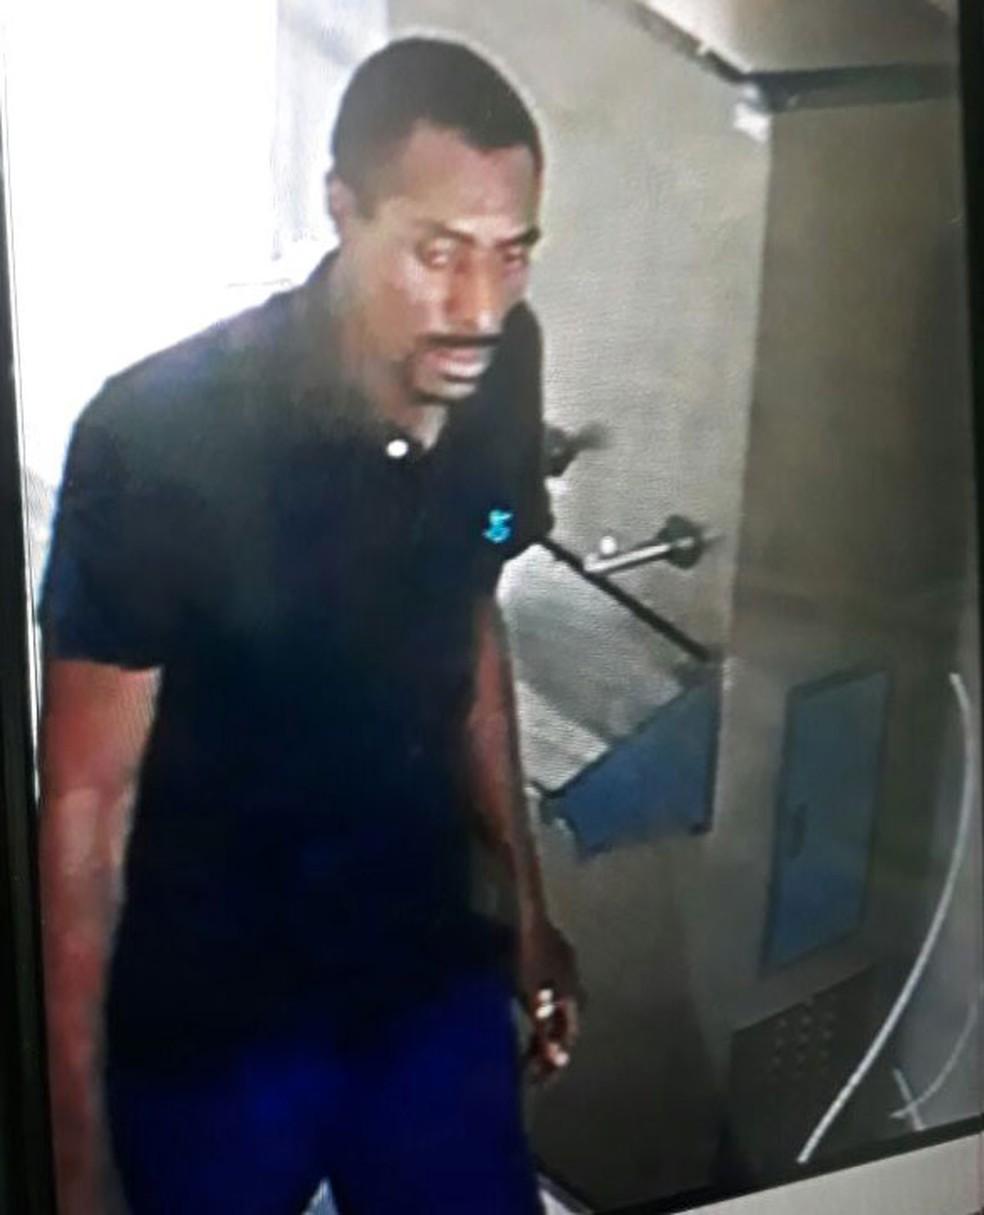 Circuito de câmeras do colégio registrou imagens do homem que invadiu o prédio quando fugia da polícia. PM cercou a escola e fez varredura em todas as salas, mas homem não foi encontrado (Foto: Reprodução)